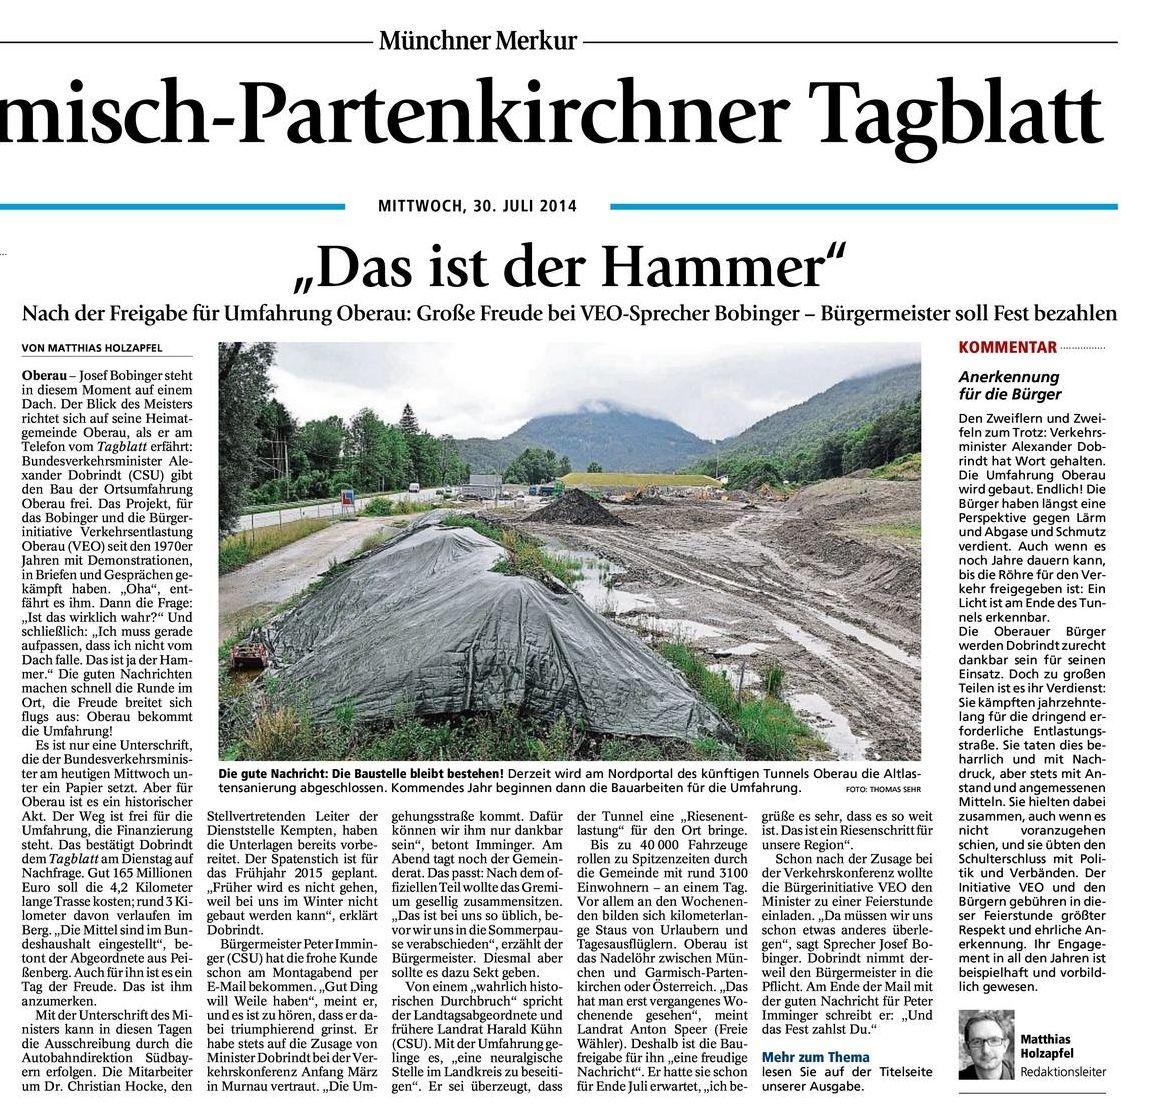 """Garmisch-Partenkirchner Tagblatt: """"Das ist der Hammer"""""""